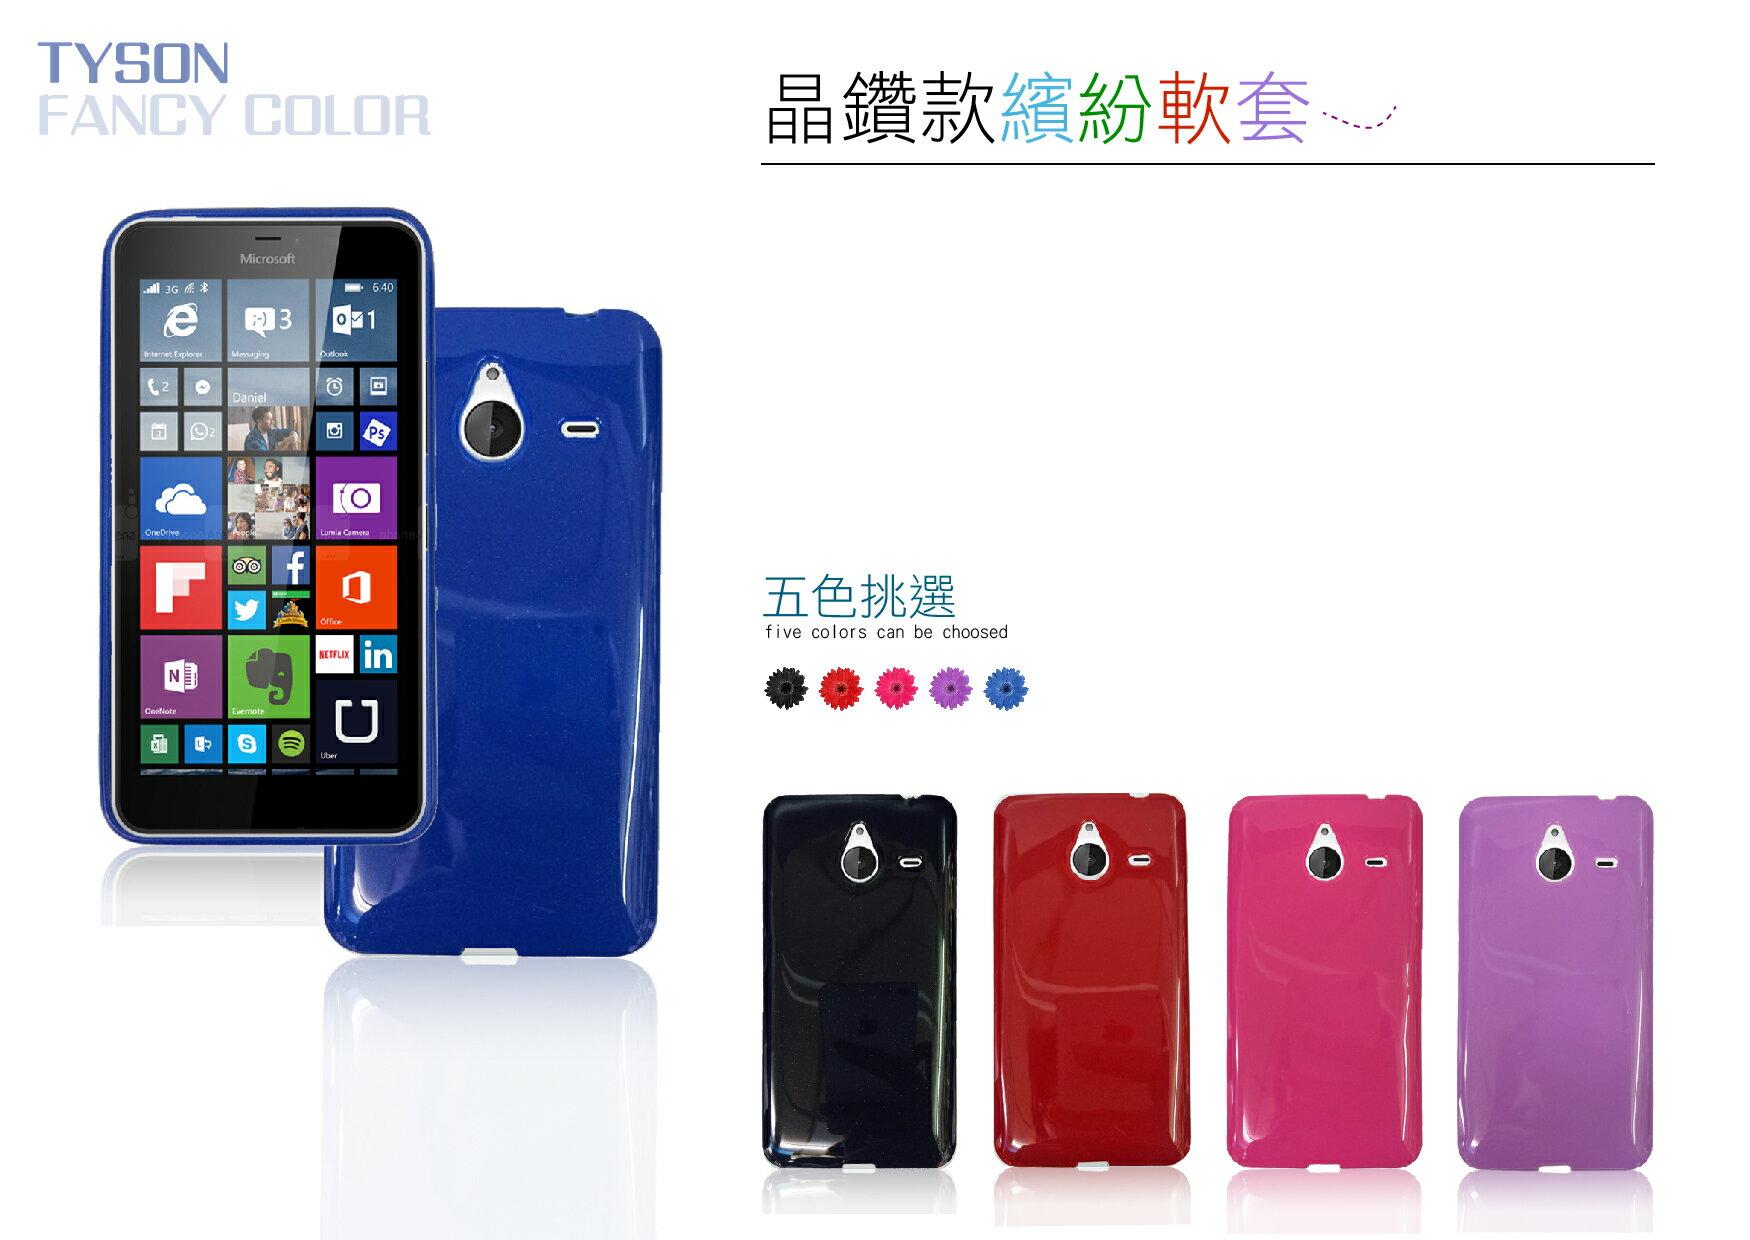 華為 HUAWEI P9 Plus 繽紛晶鑽 保護軟殼 手機套 背蓋 果凍套 背套